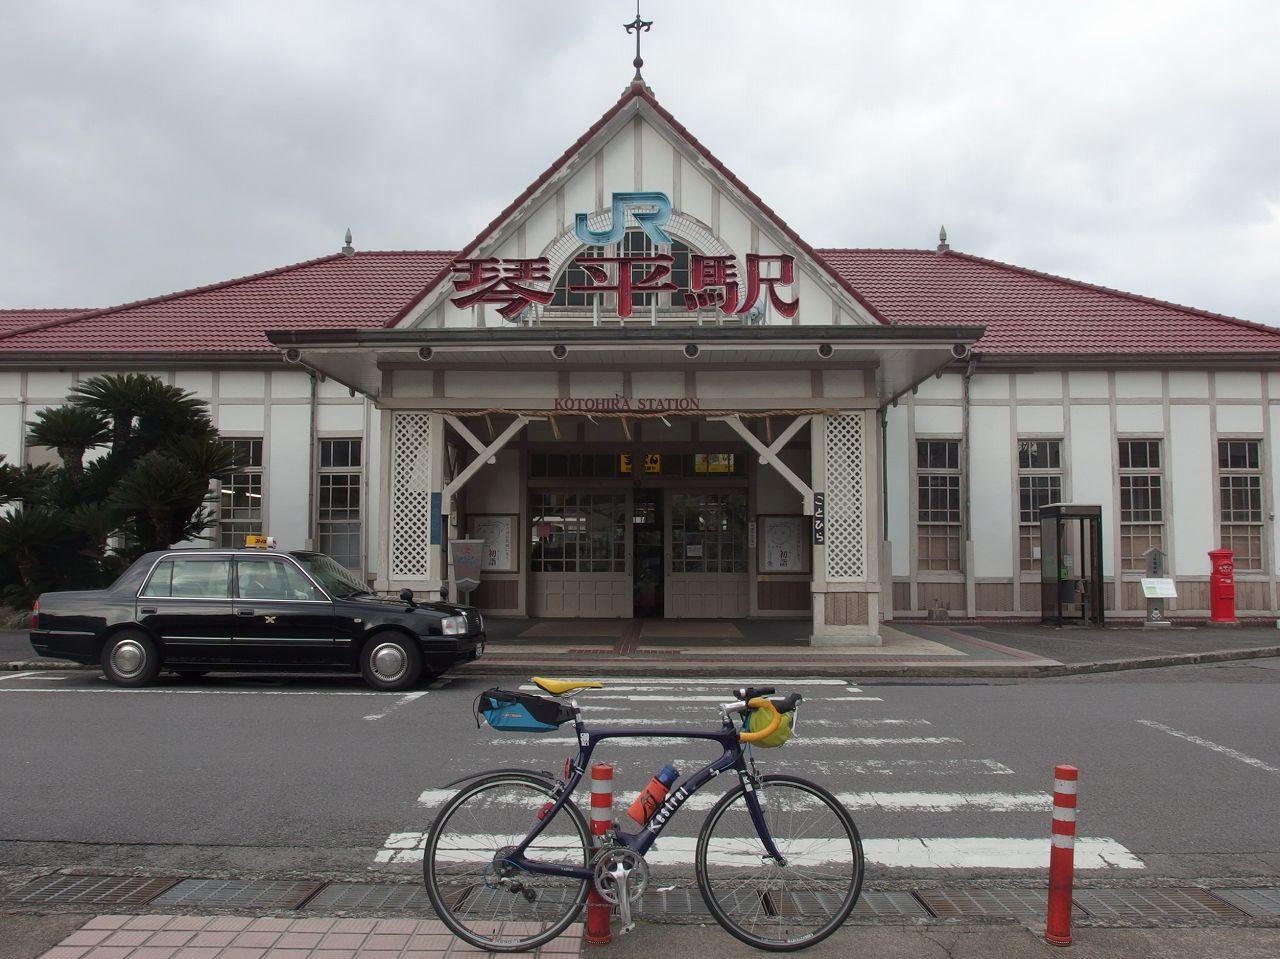 2015/1/23 自転車で讃岐うどん 1日目